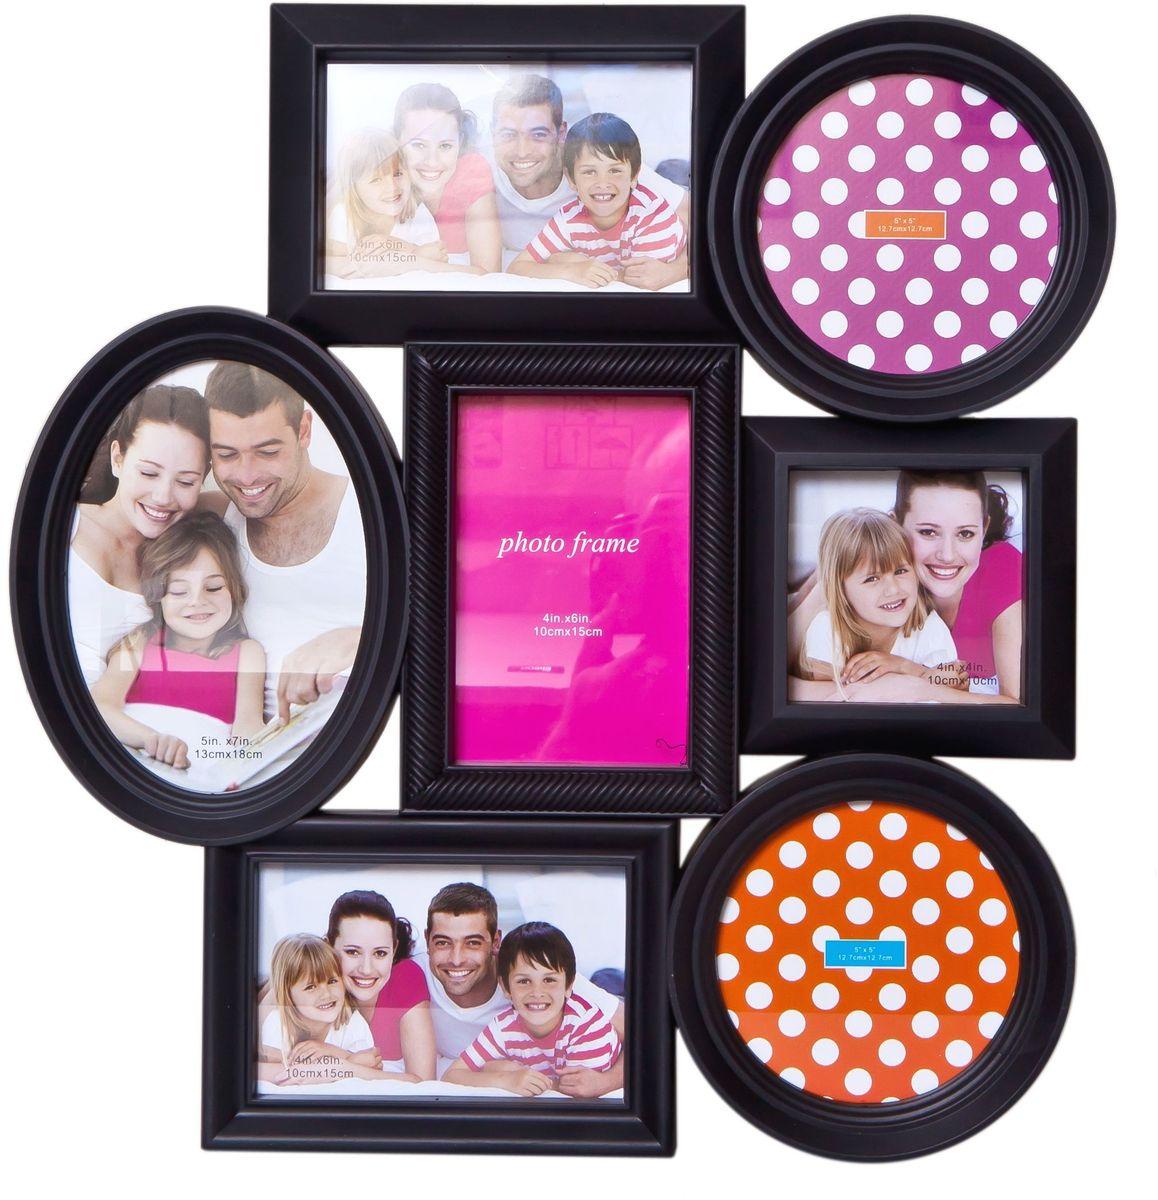 Фоторамка Platinum, цвет: черный, на 7 фото. BH-1307PLATINUM BH-1307-Black-ЧёрныйФоторамка Platinum - прекрасный способ красиво оформить ваши фотографии. Фоторамка выполнена из пластика и защищена стеклом.Фоторамка-коллаж представляет собой семь фоторамок для фото разного размера оригинально соединенных между собой. Такая фоторамка поможет сохранить в памяти самые яркие моменты вашей жизни, а стильный дизайн сделает ее прекрасным дополнением интерьера комнаты. Фоторамка подходит для фото следующих размеров: 13 х 18 см, 3 фото 10 х 15 см, 2 фото 12,7 х 12,7 см и 10 х 10 см. Общий размер фоторамки: 41 х 43 см.